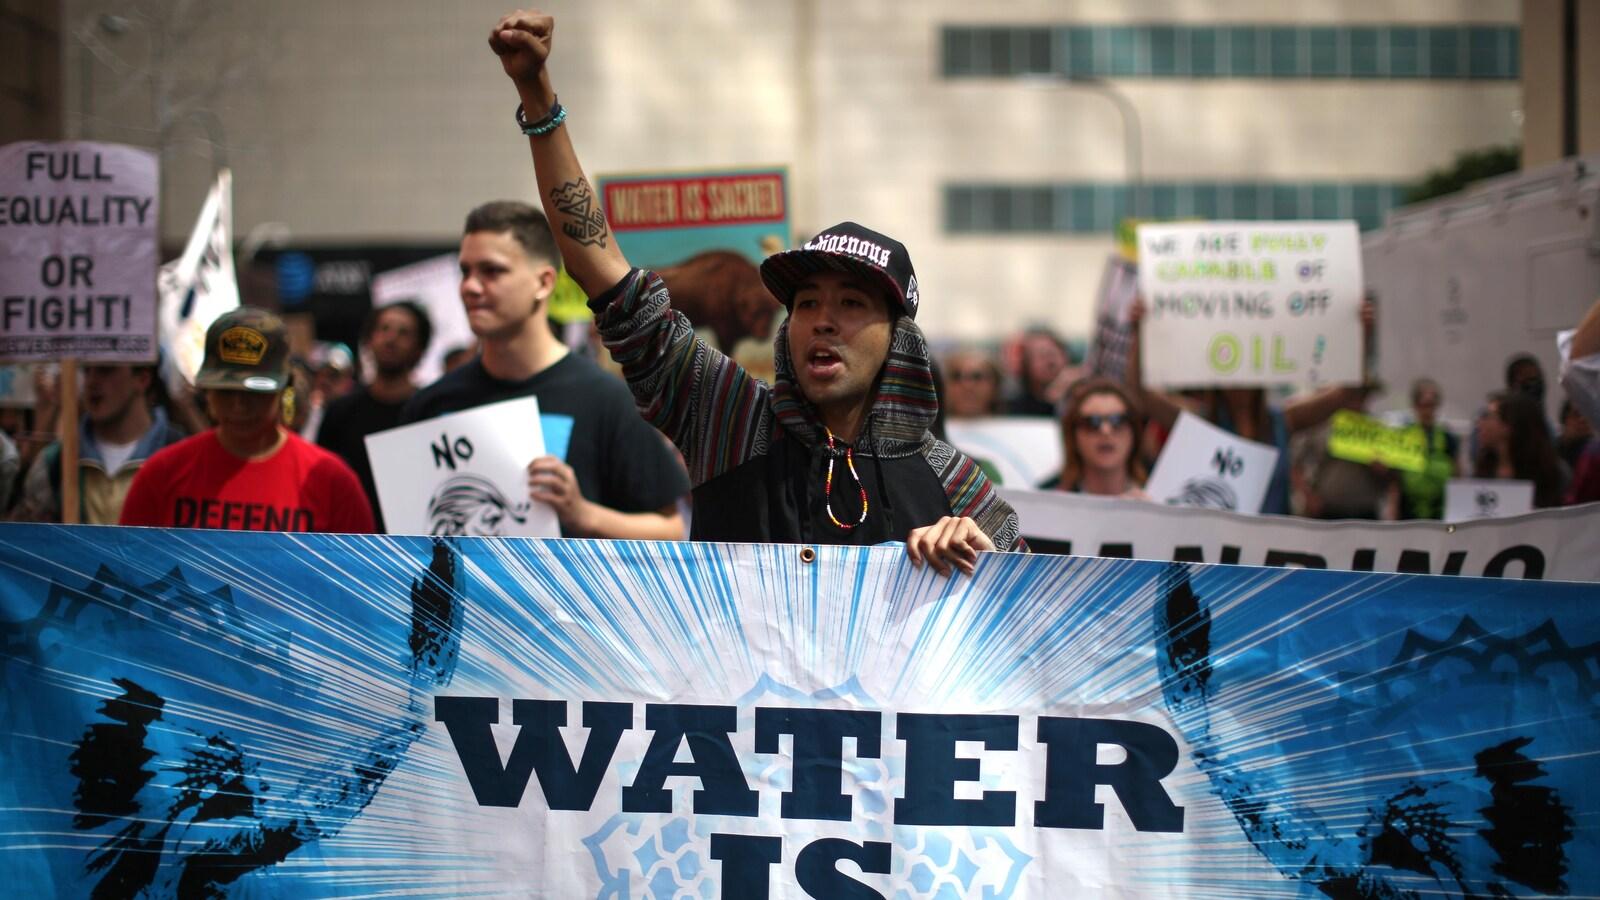 Des manifestants à Los Angeles contre des projets d'oléoducs aux États-Unis.